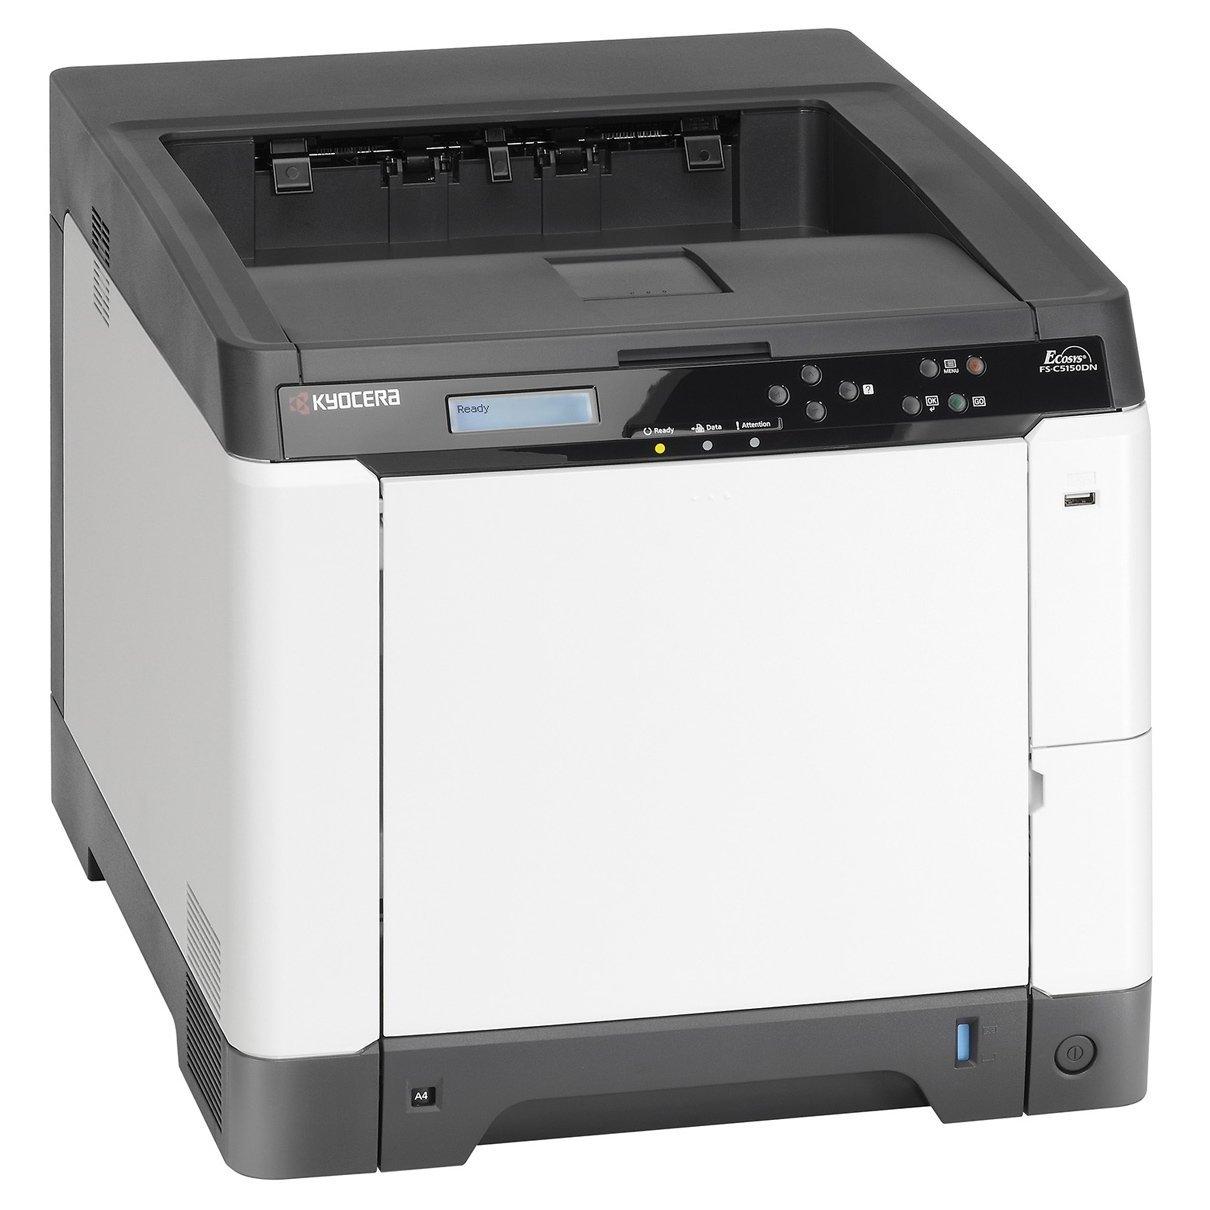 kyocera fs c5150dn color network laser printer. Black Bedroom Furniture Sets. Home Design Ideas